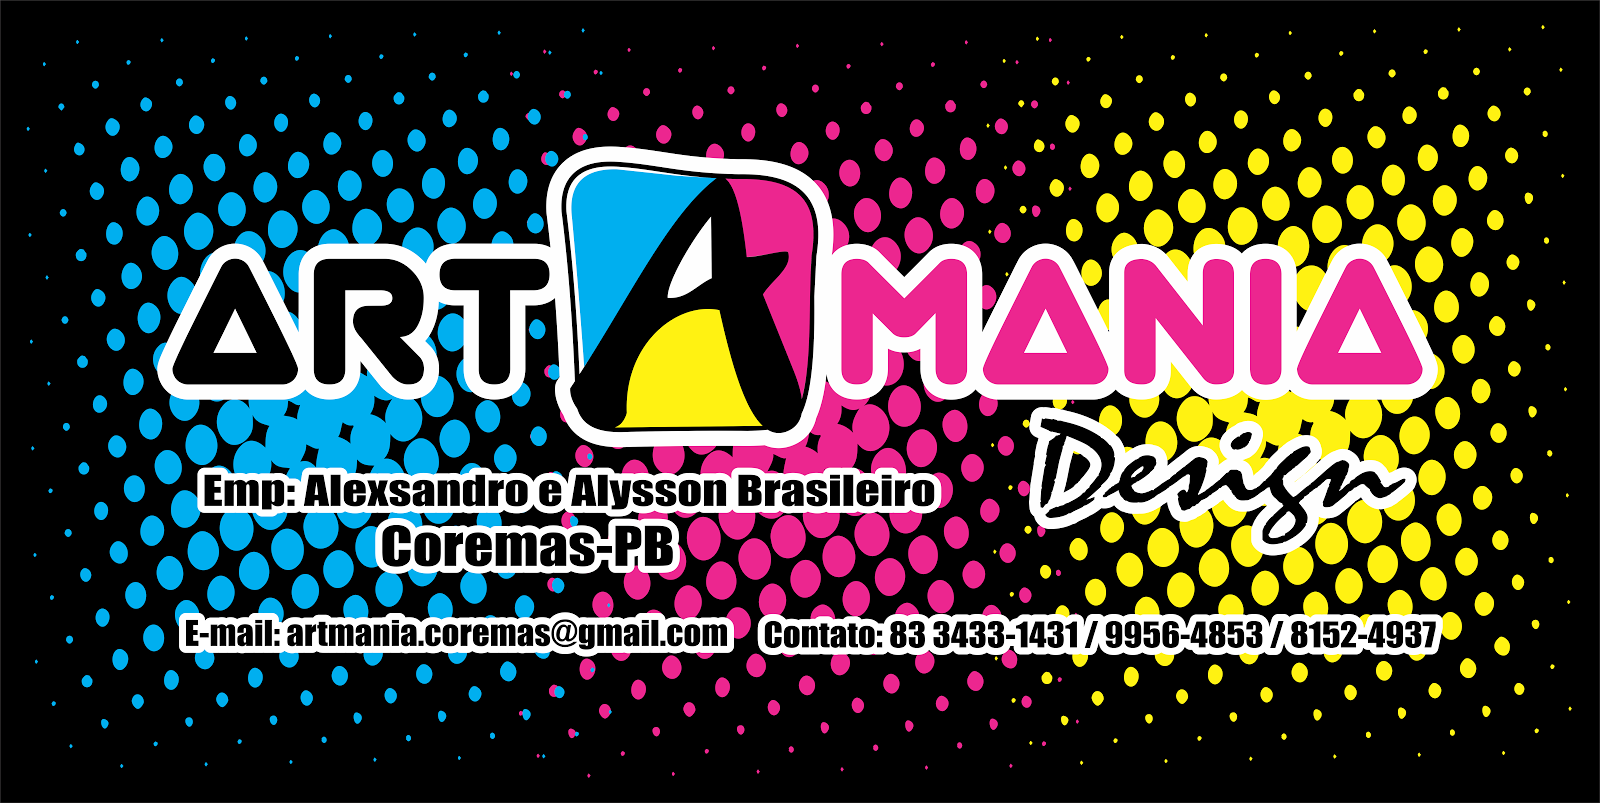 ART MANIA DESIGN